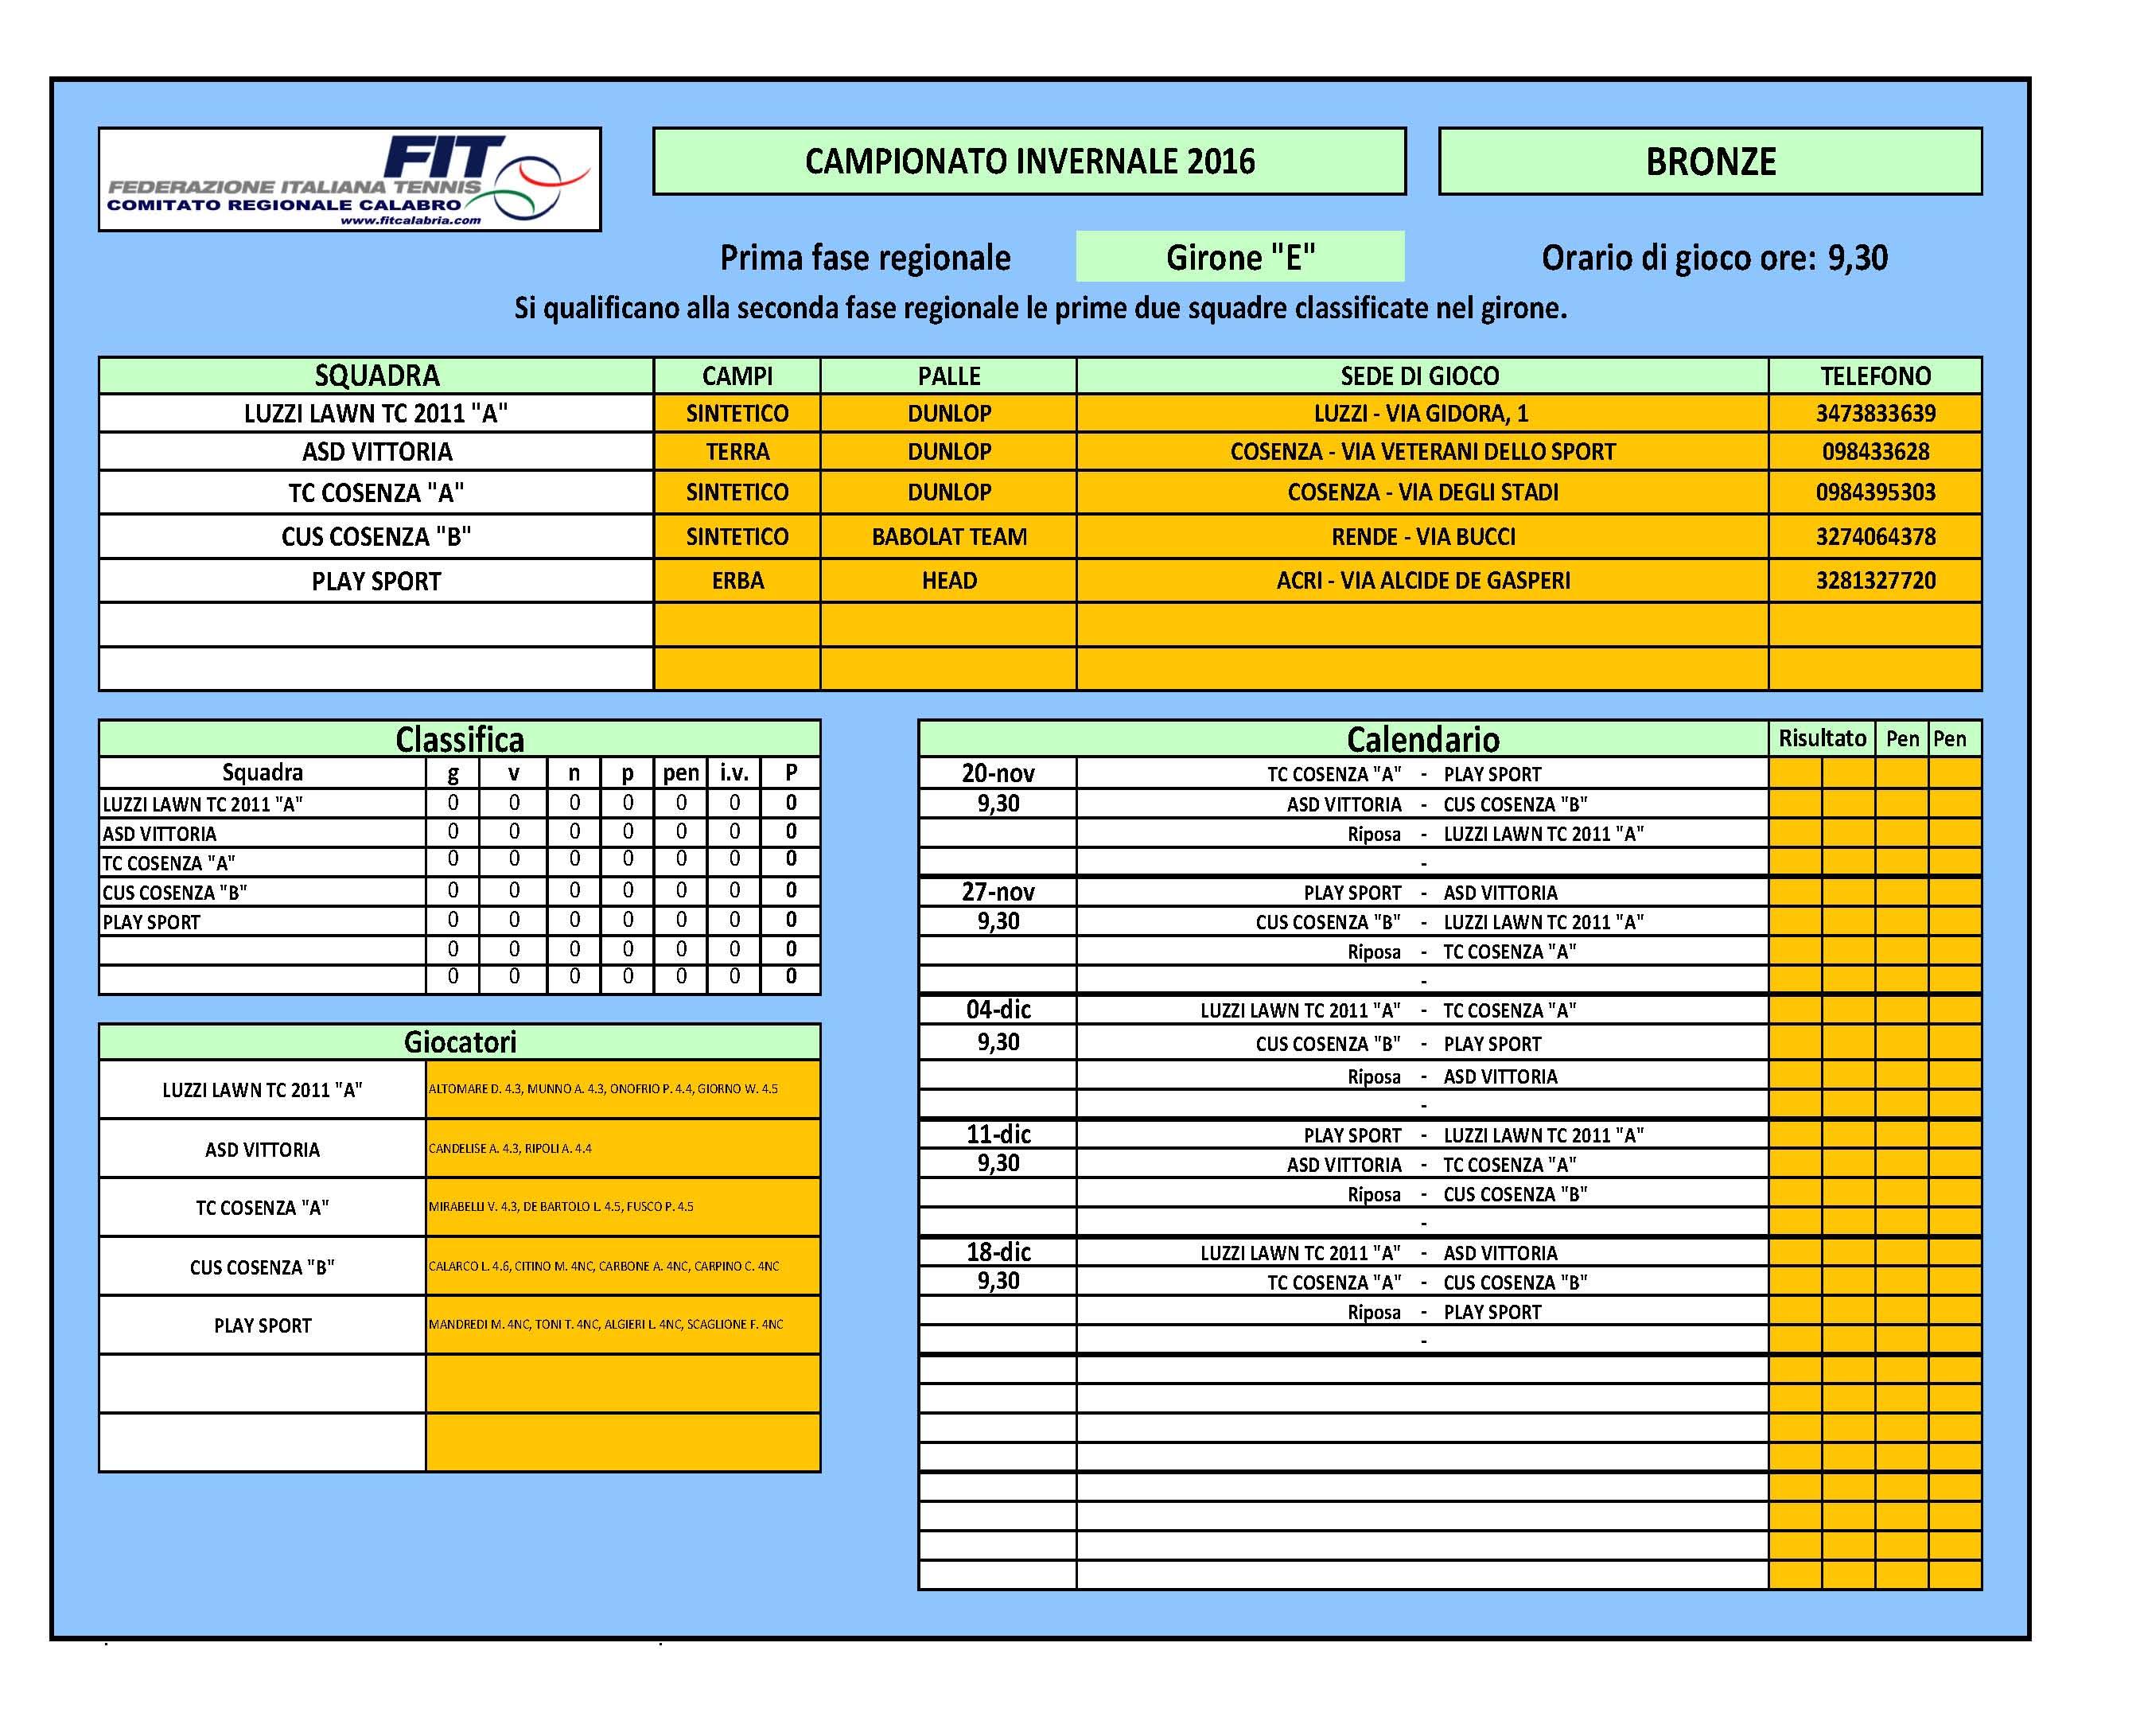 calendario-bronze-m-2016-girone-e